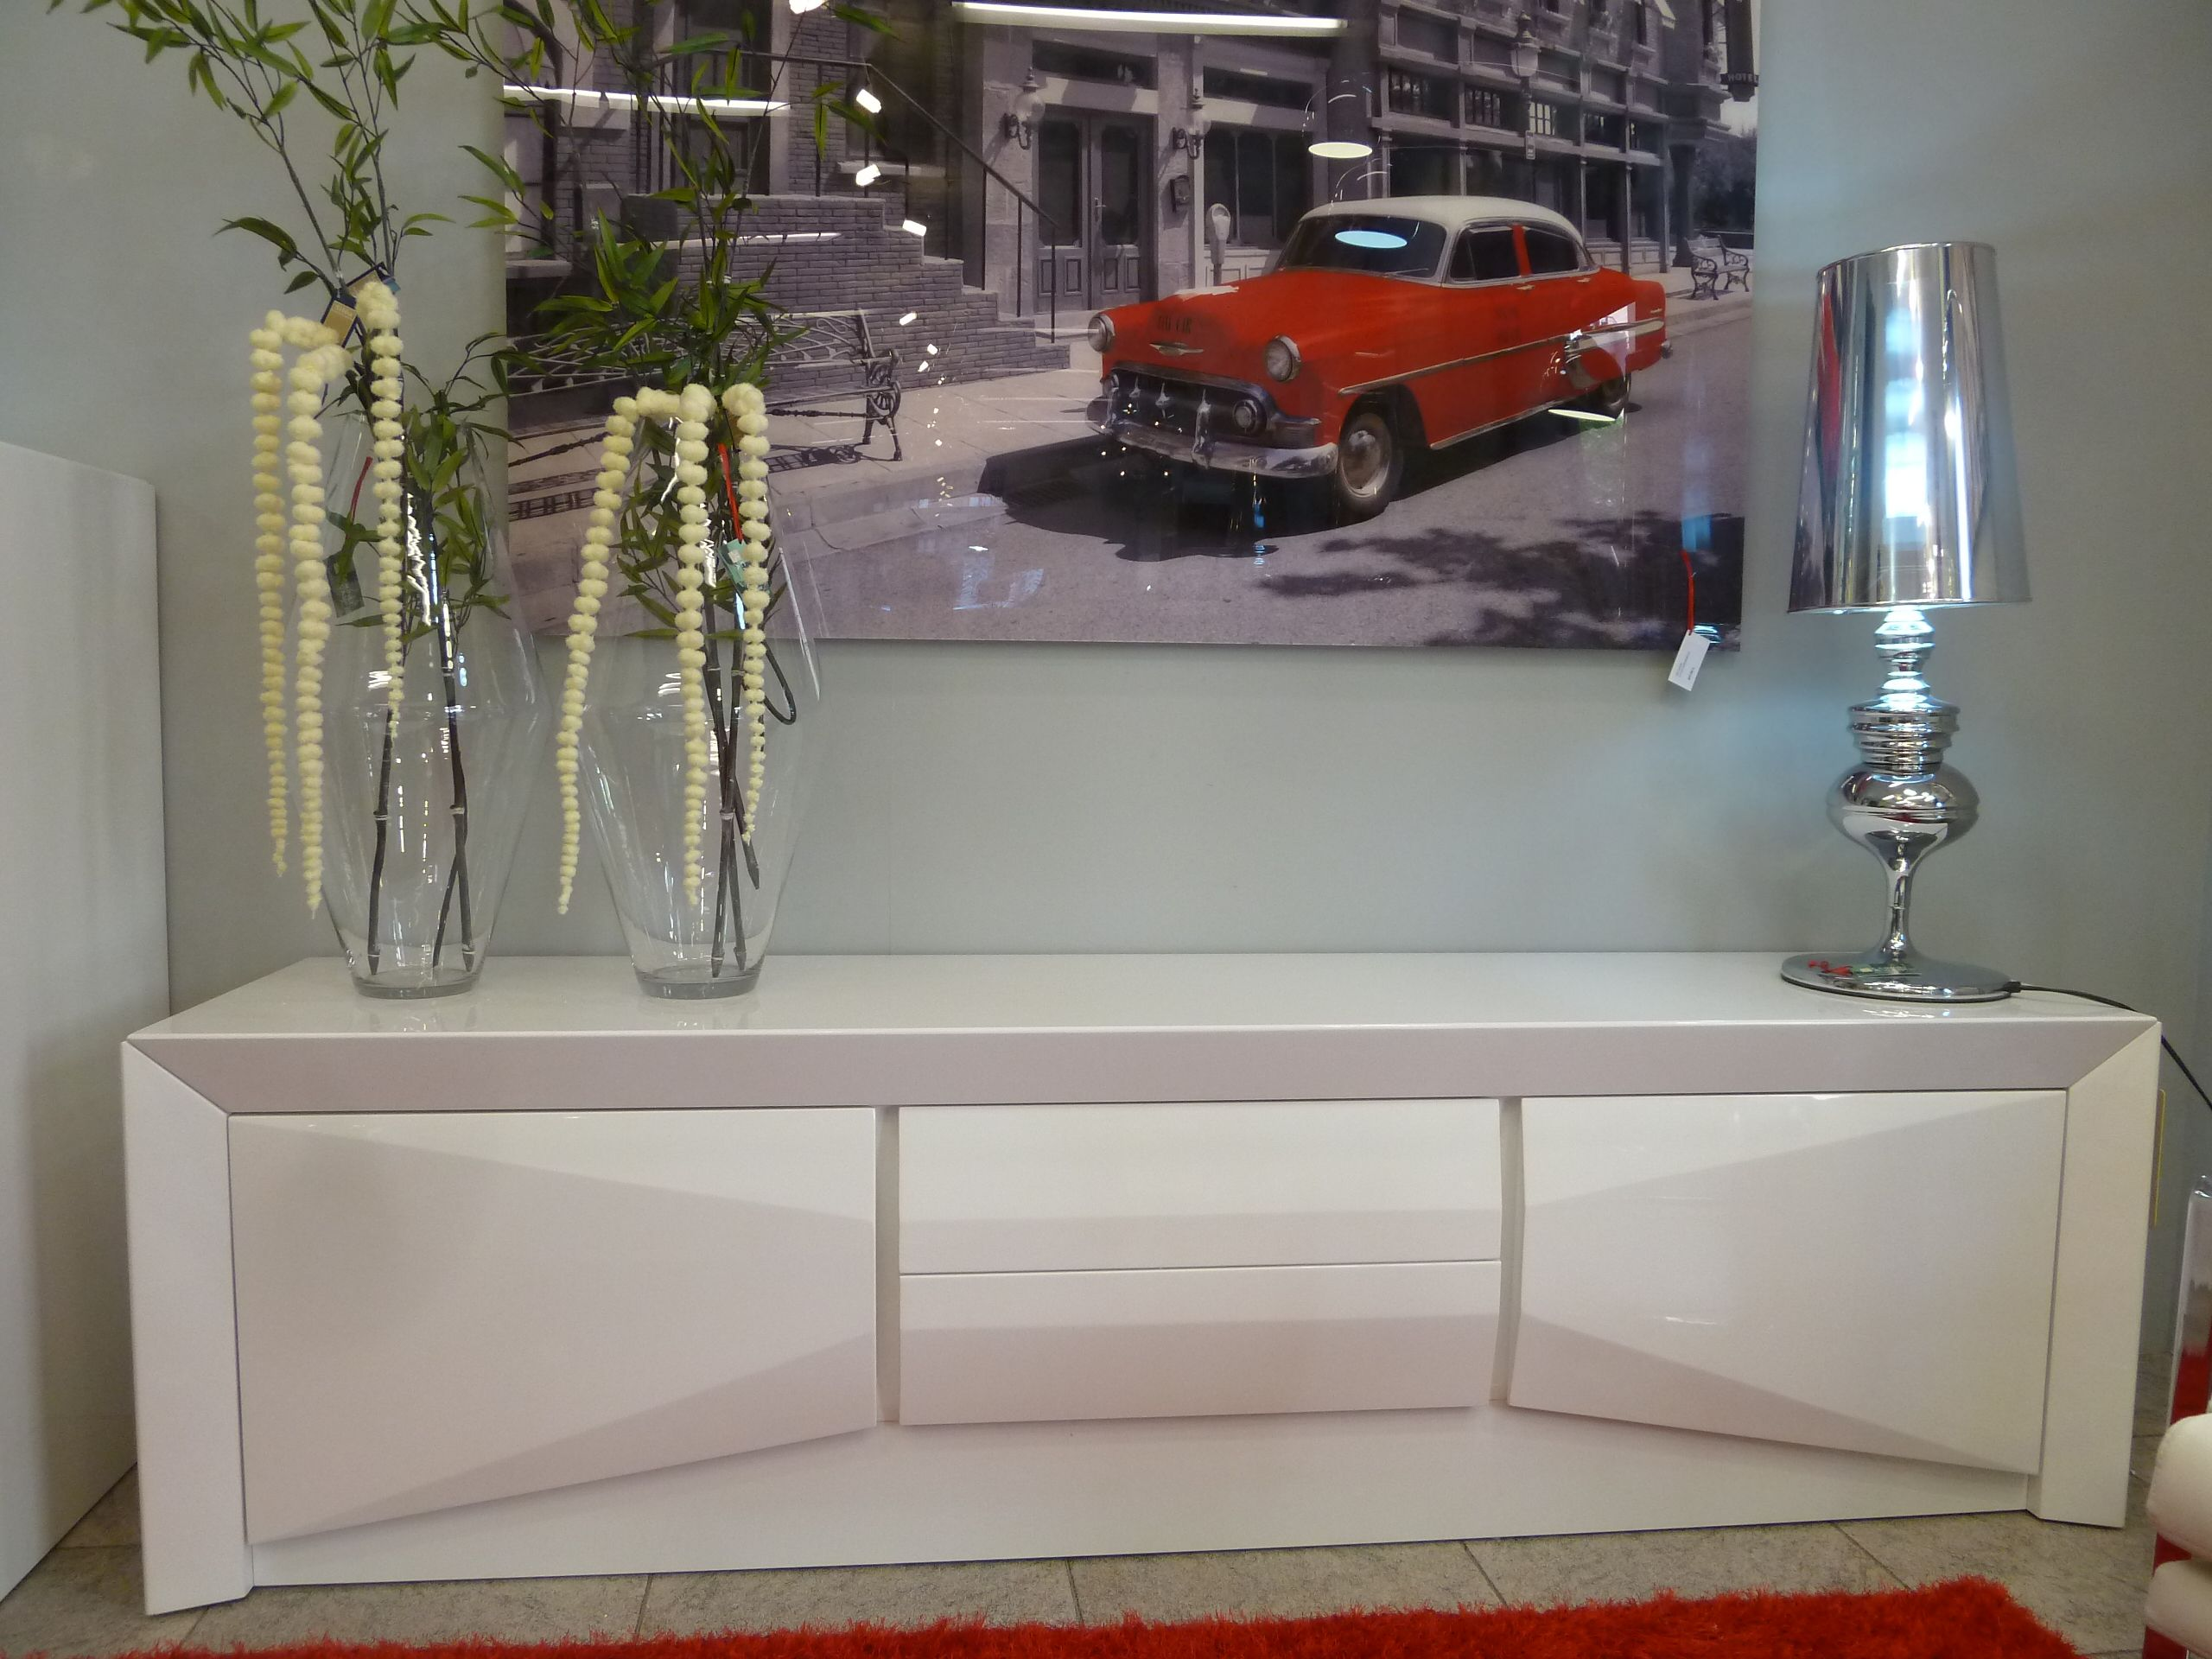 Muebles caceres obtenga ideas dise o de muebles para su hogar aqu - Muebles tuco badajoz ...